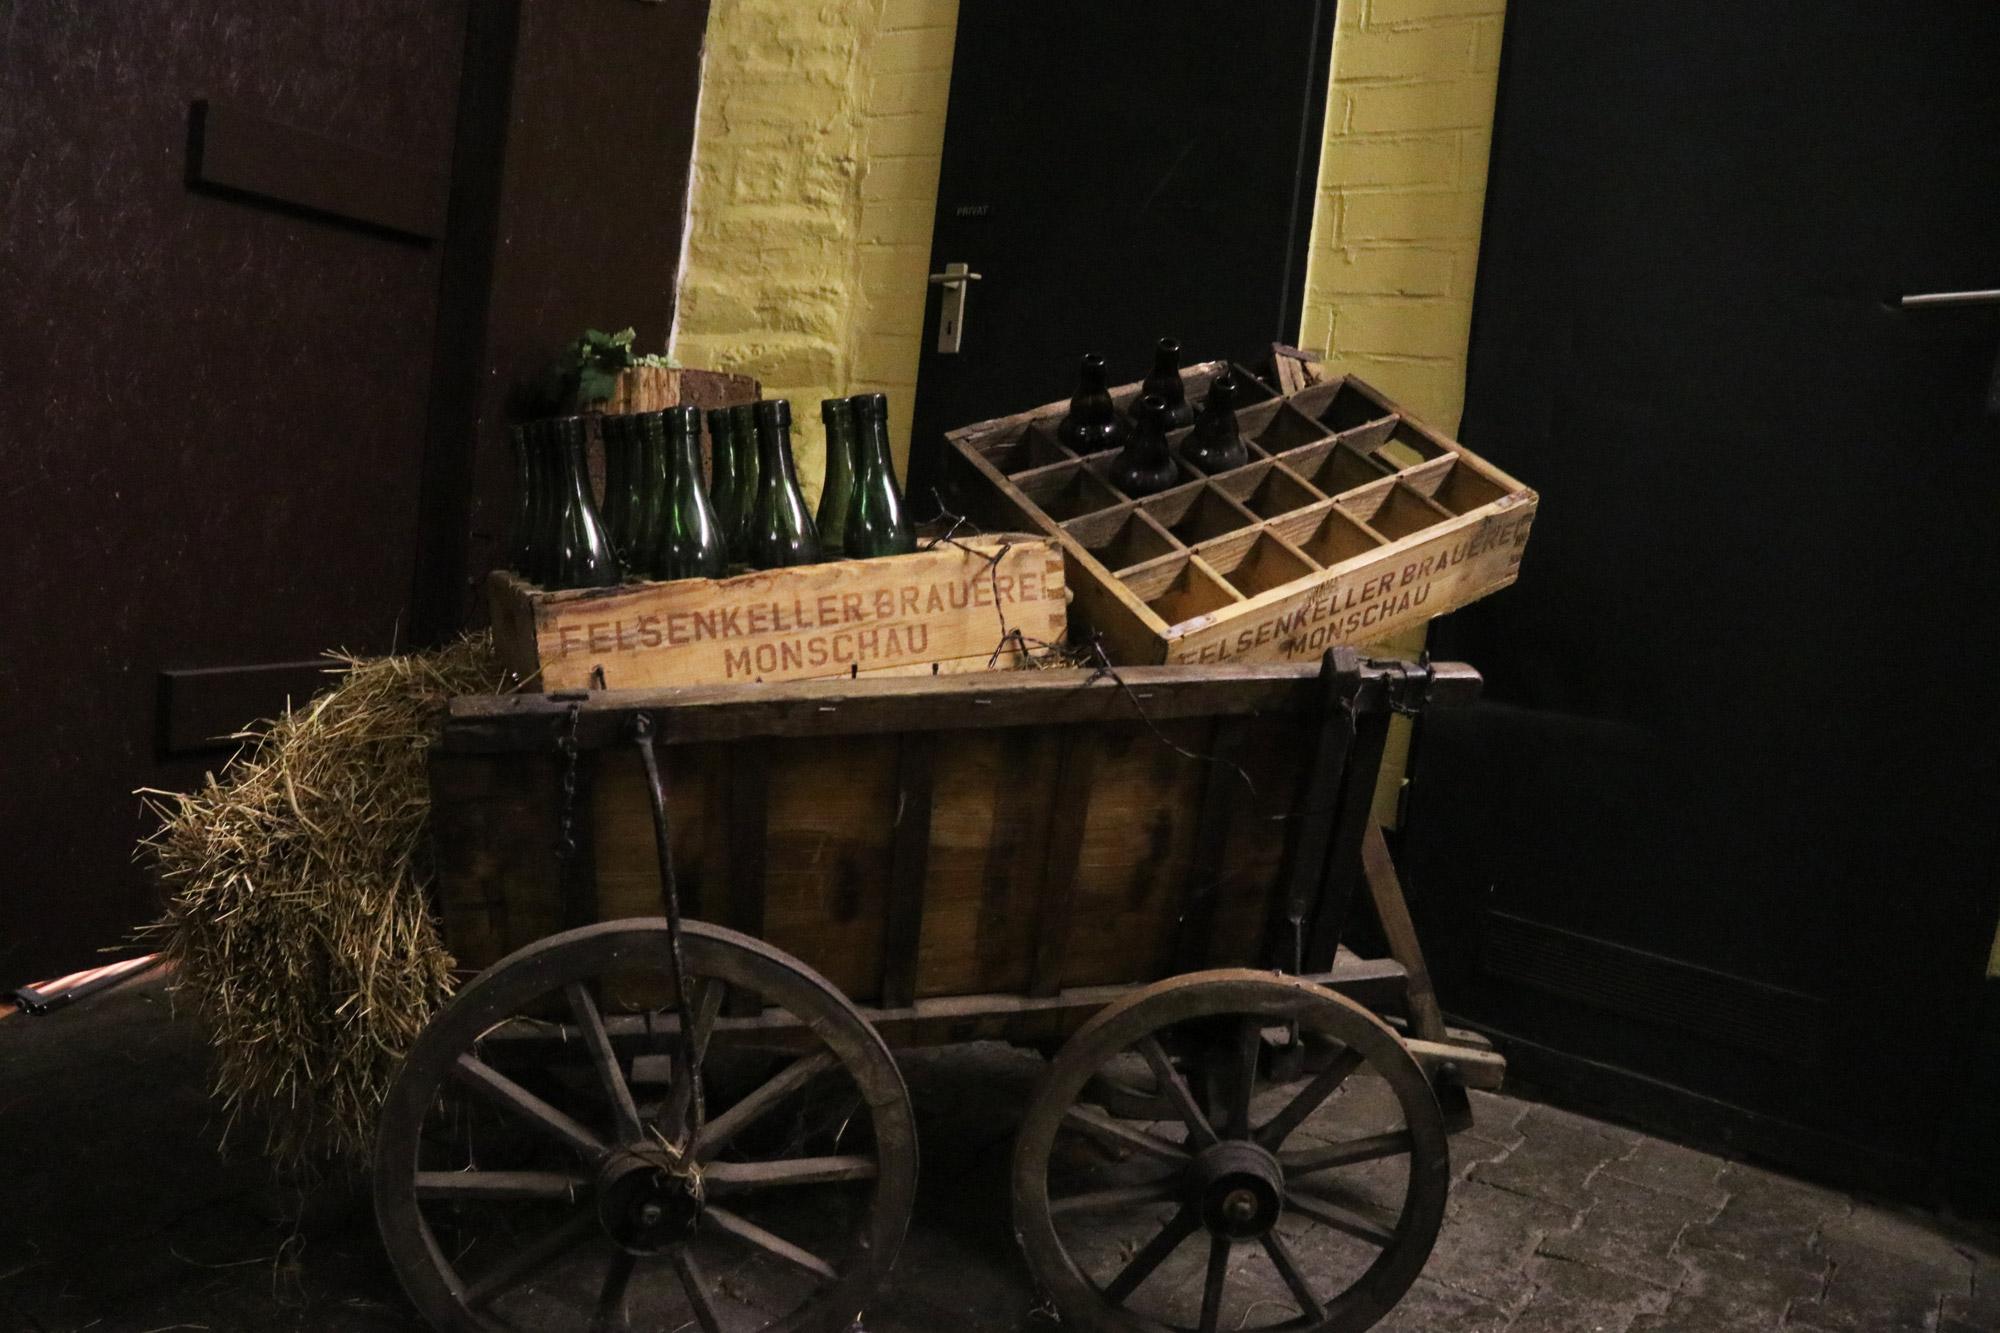 Weekendje in Monschau in 10 beelden - Een bezoek aan de Felsenkeller Brauhaus & Museum